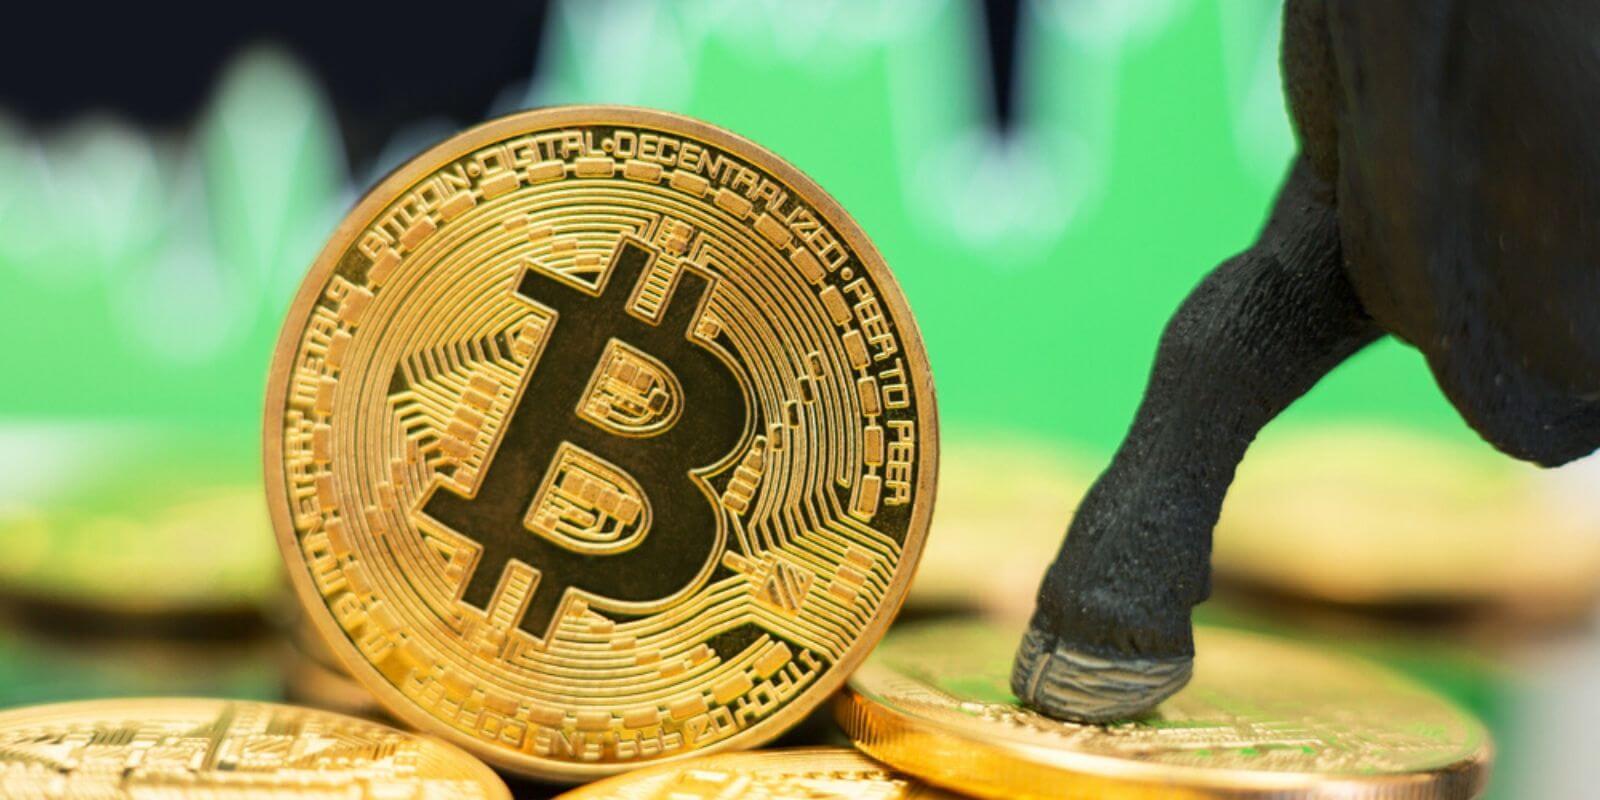 Le Bitcoin (BTC) serait-il sur le point de commencer un bull run?